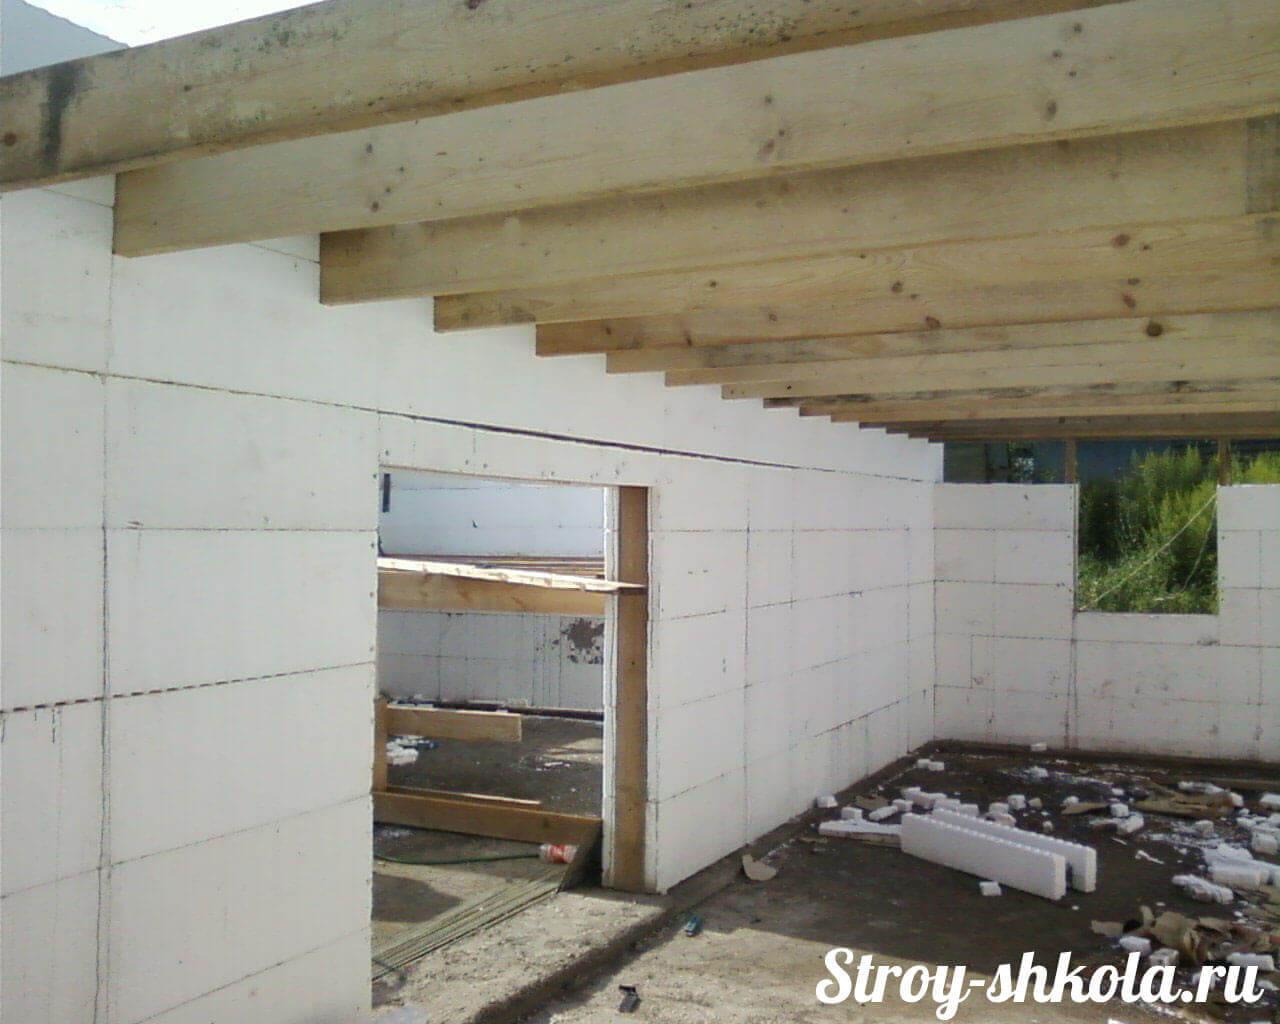 деревянные перекрытия в частном доме схема